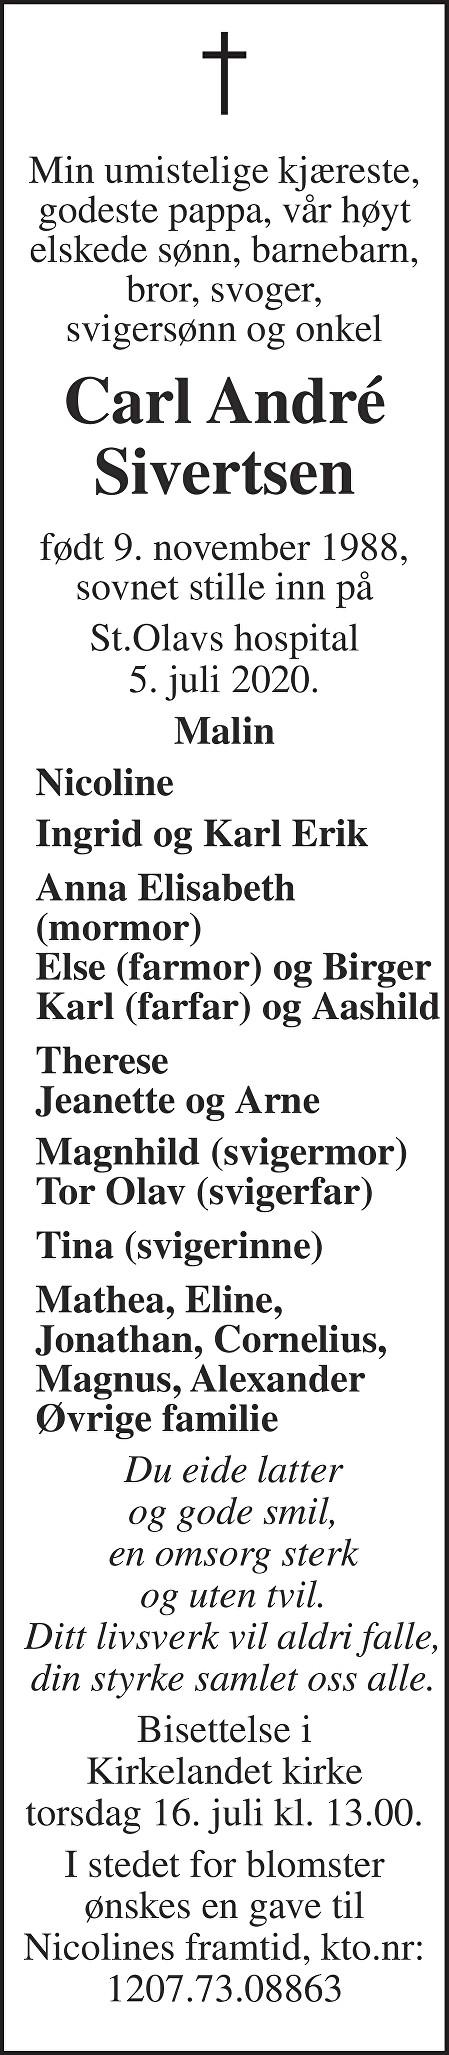 Carl André Sivertsen Dødsannonse